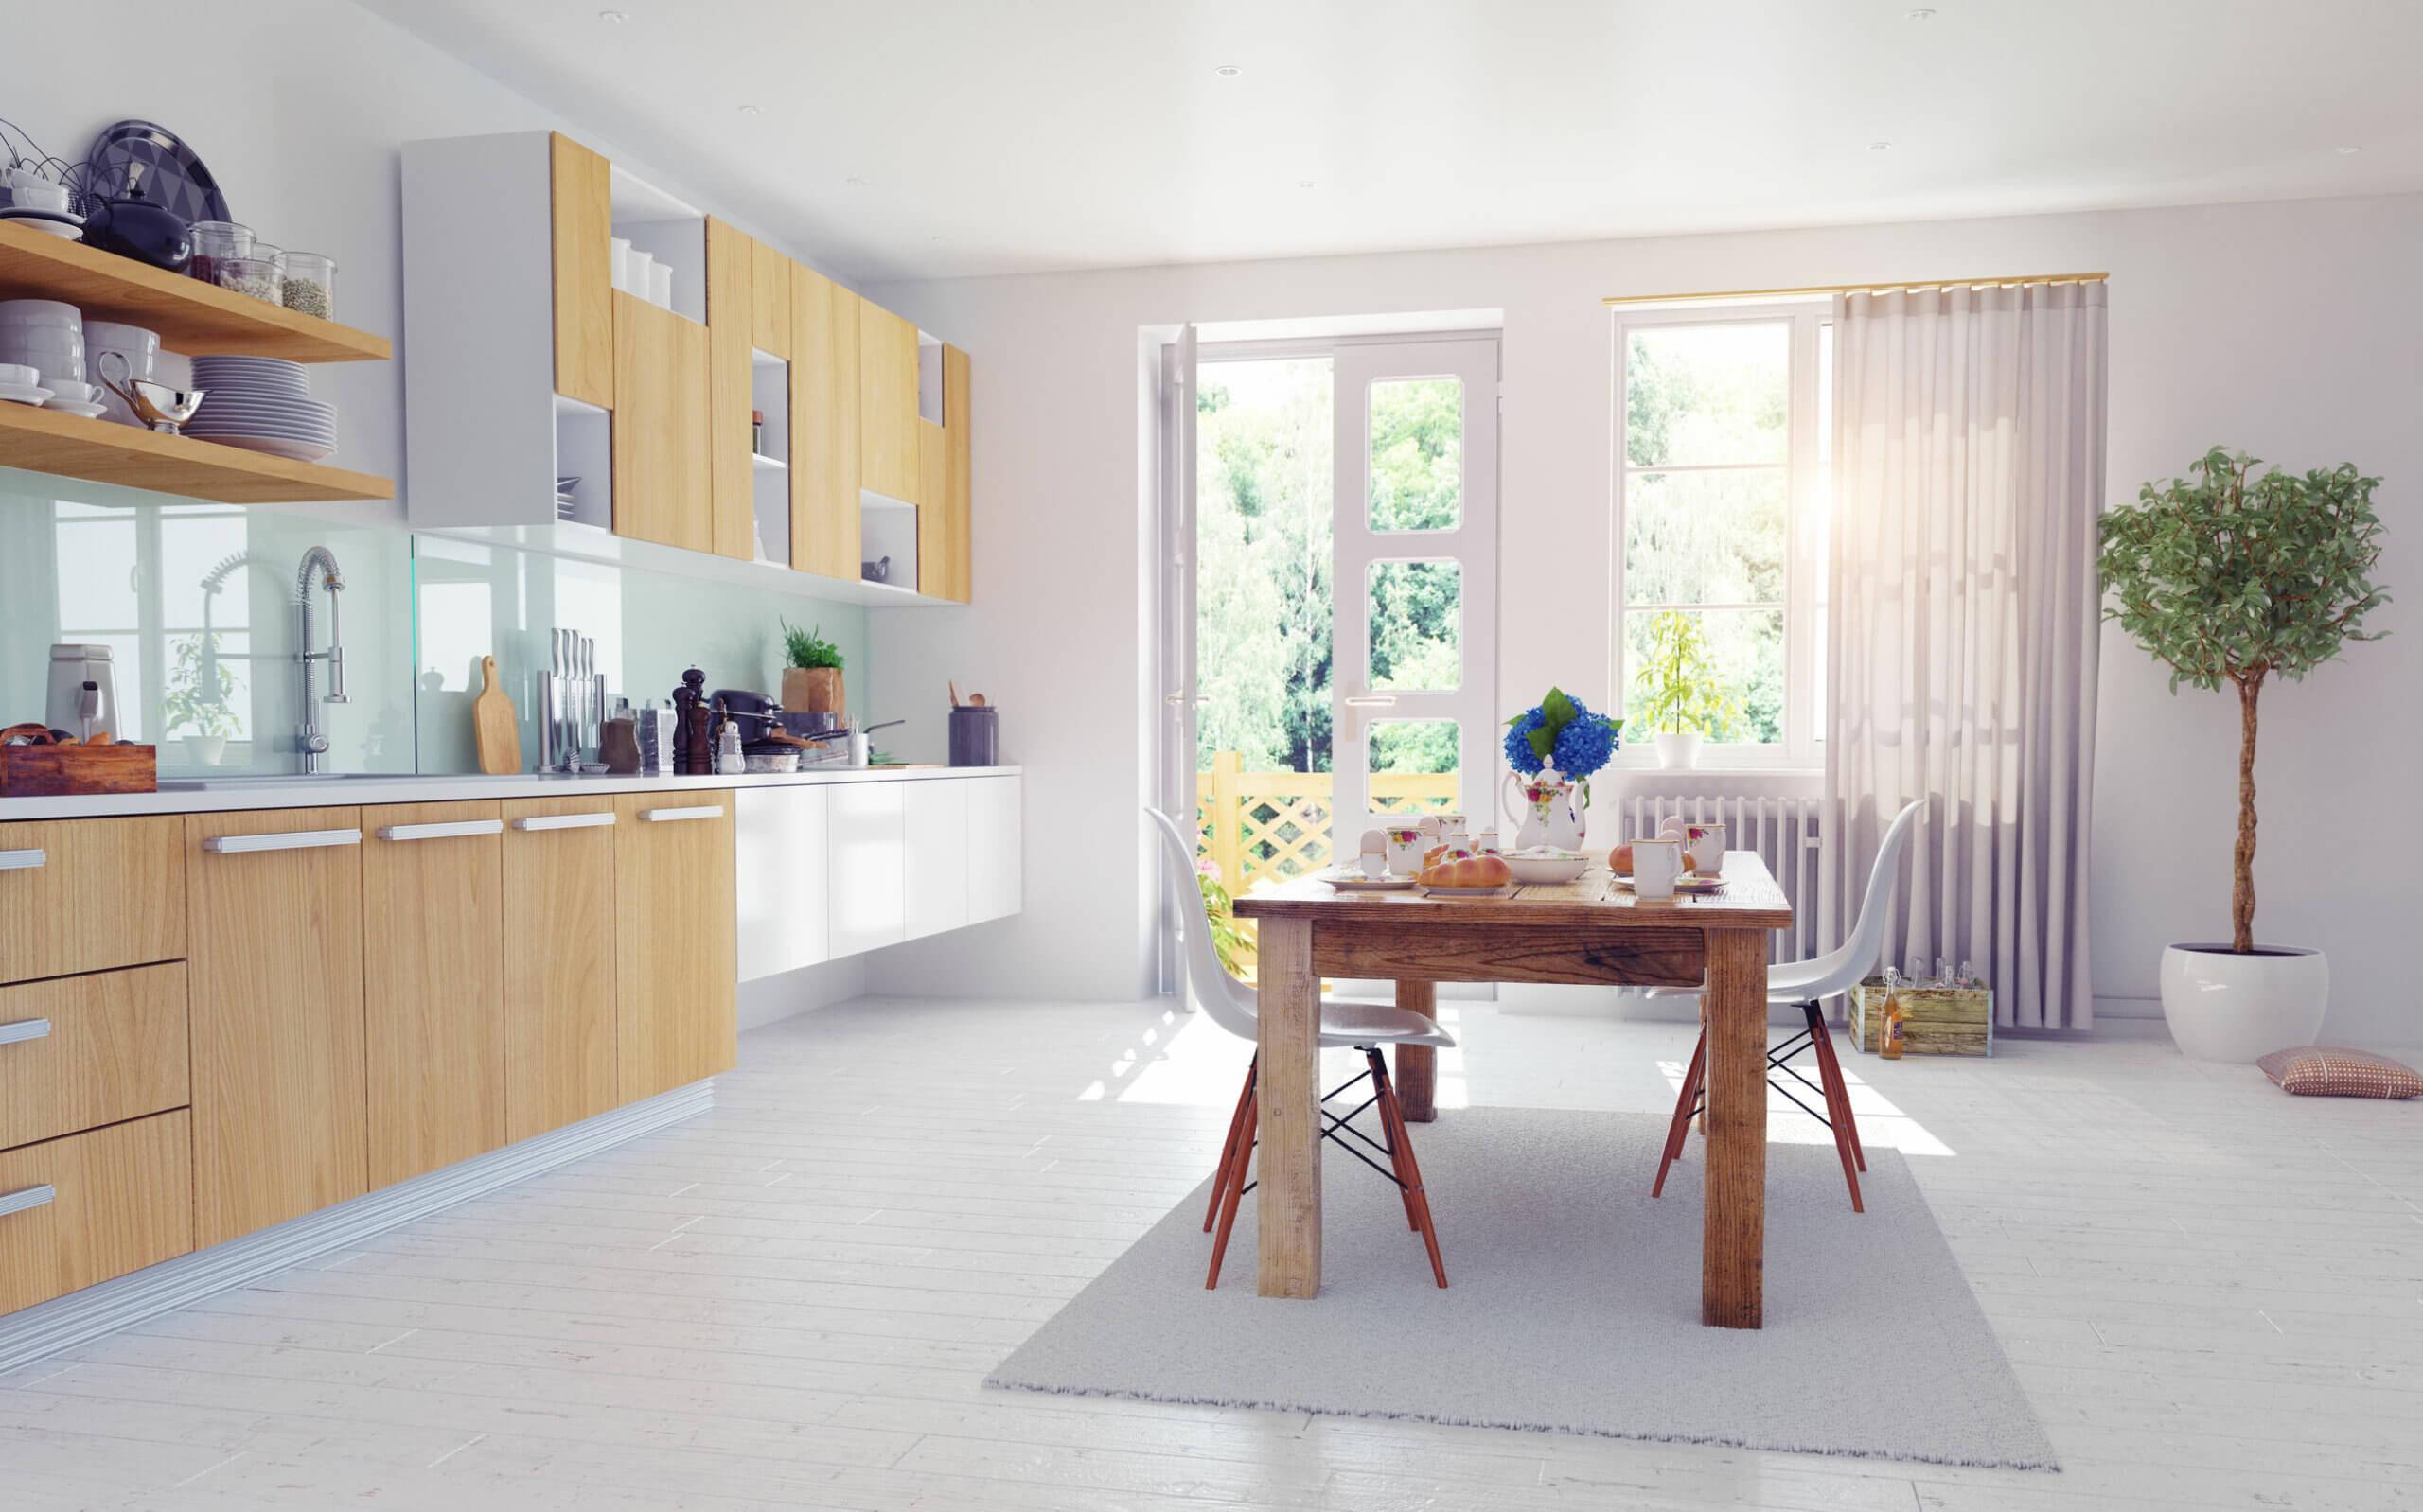 Angyalföldi kislakások: egyszobás lakások megfizethető áron!